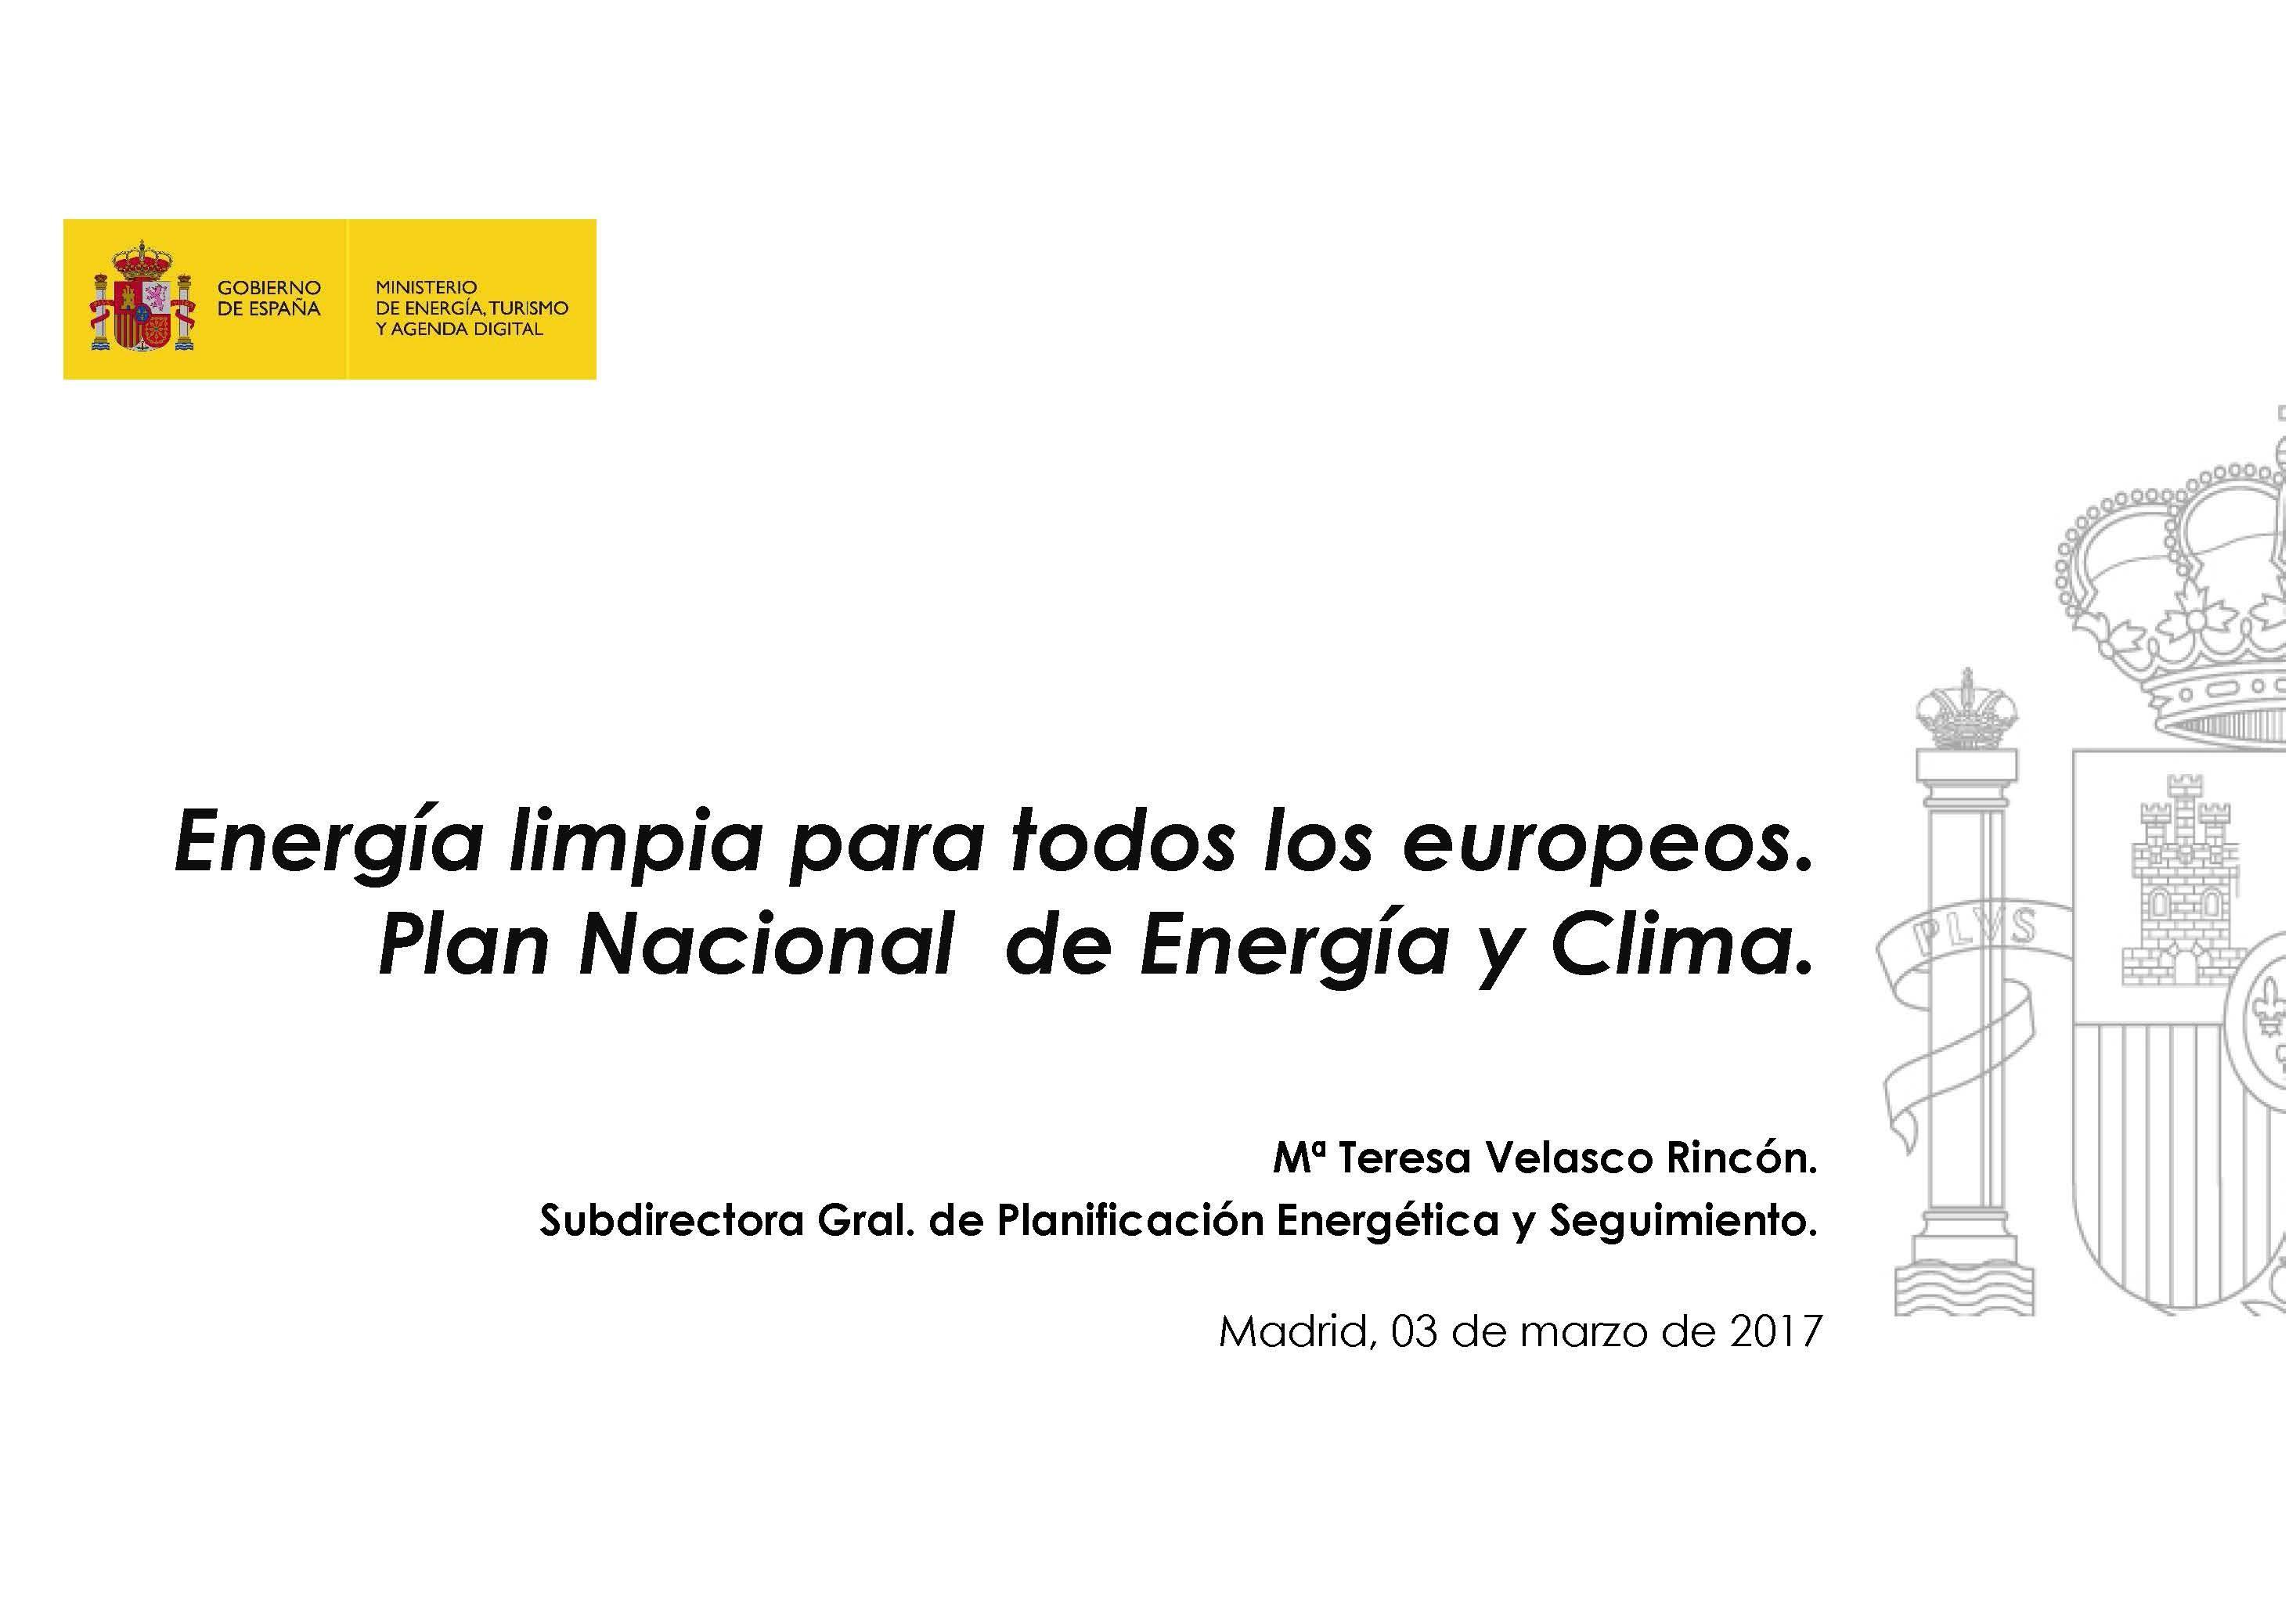 Energía limpia para todos los europeos. Plan Nacional de Energía y Clima